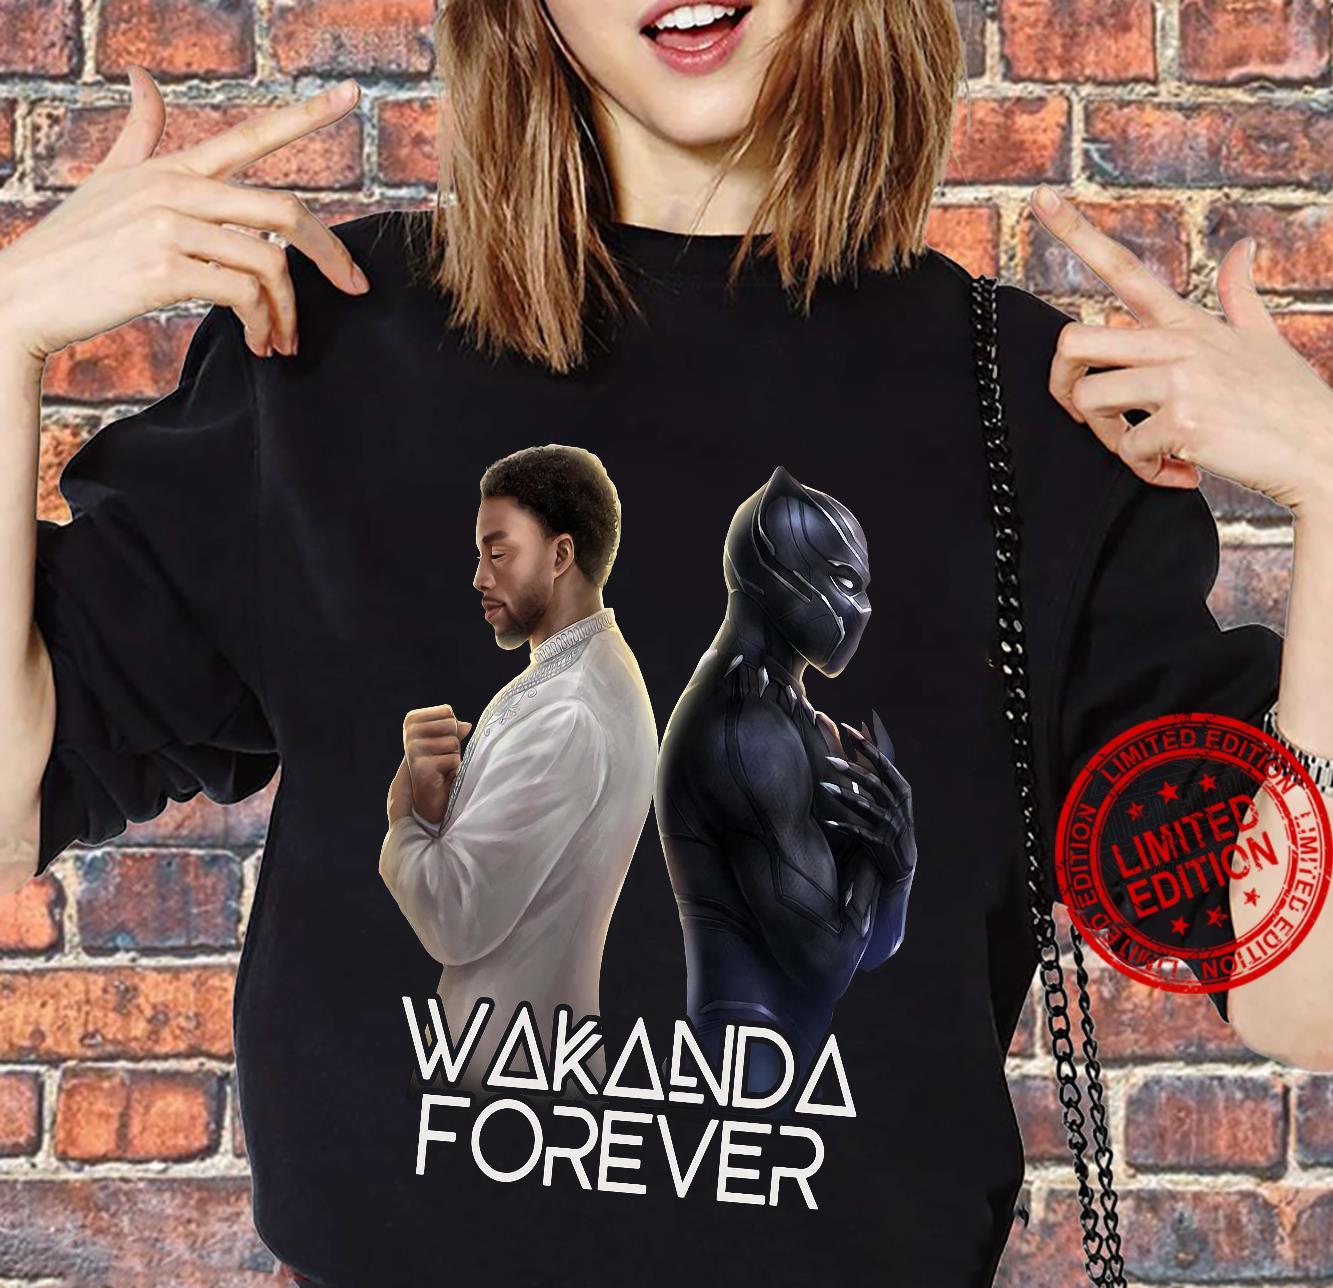 Wakanda Forever Chadwick Boseman Black Panther Shirt sweater